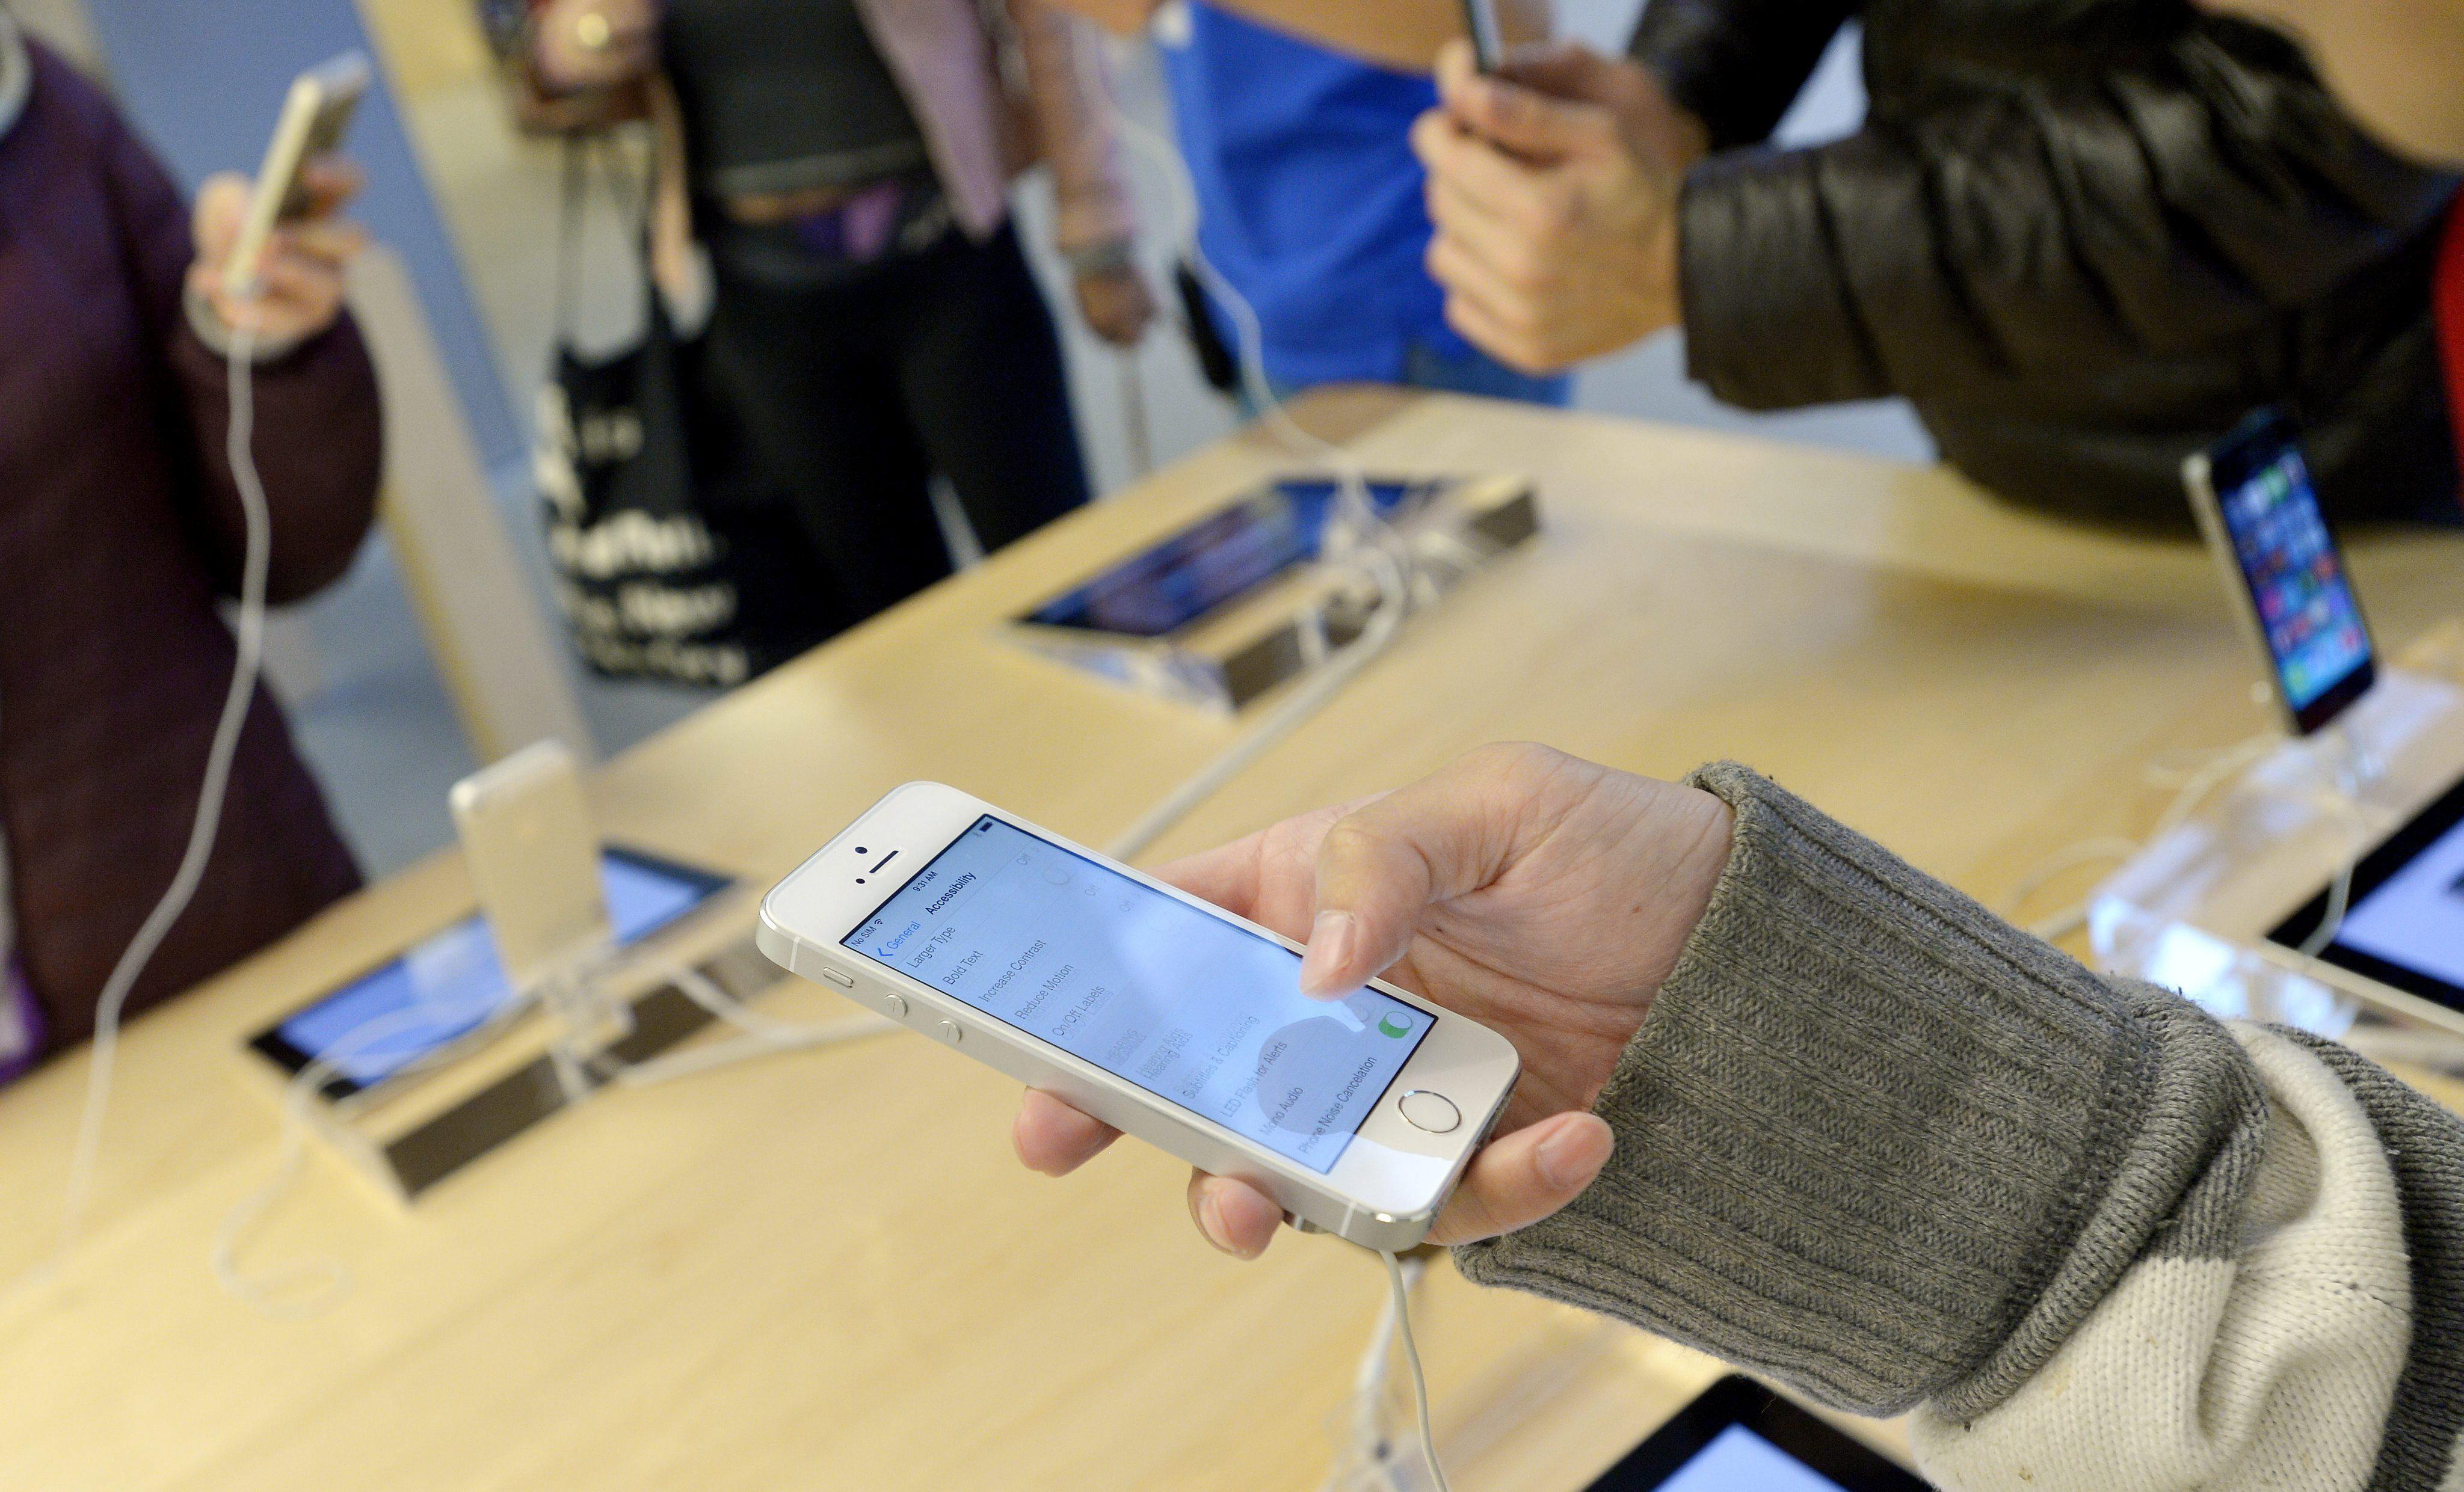 El iPhone 5S vende el doble que el iPhone 5C en EEUU